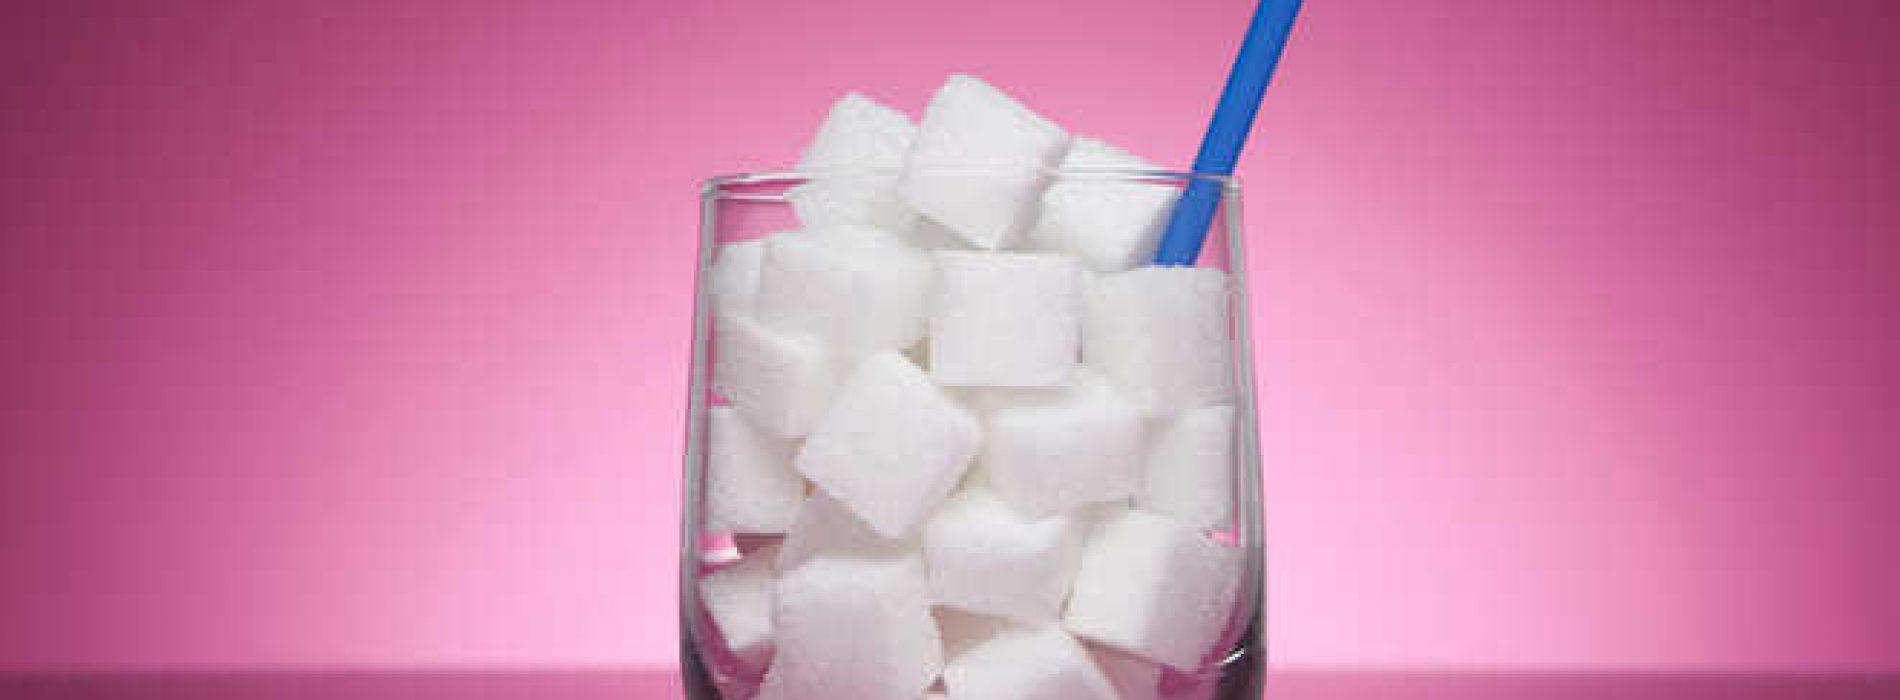 Onderzoek suggereert een mogelijk verband tussen suikerhoudende dranken en kanker